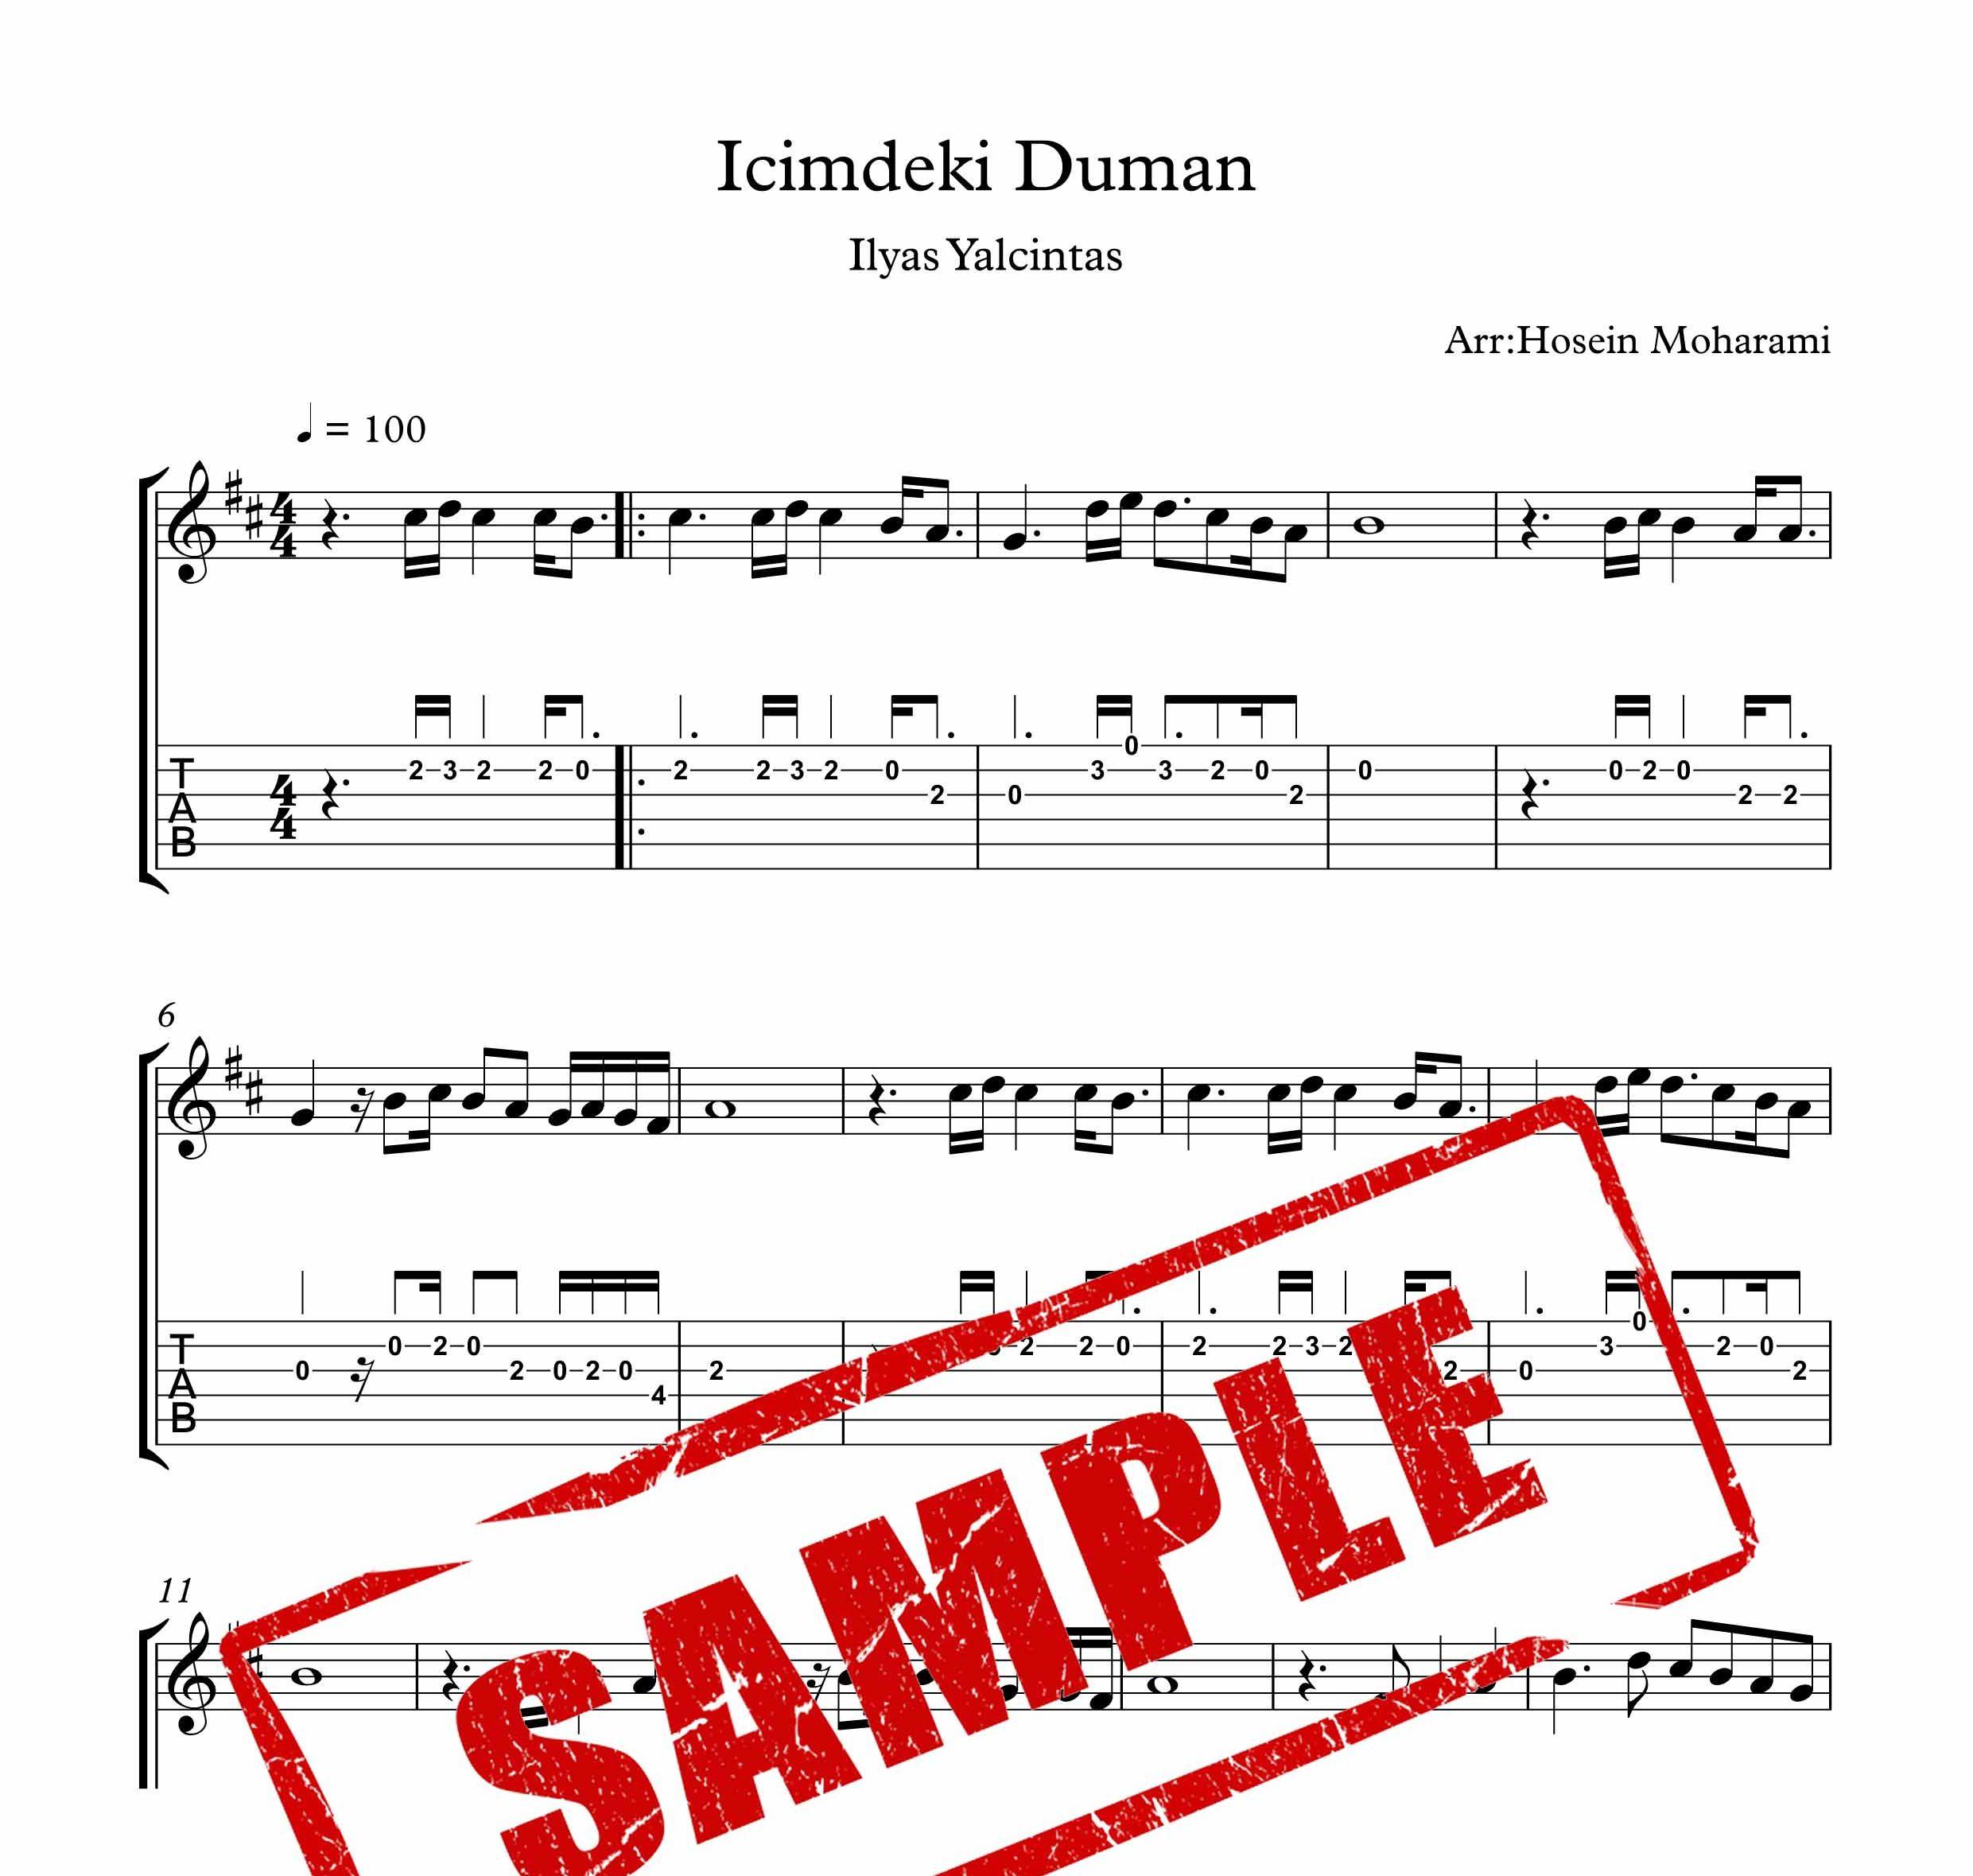 نت و تبلچر آهنگ Icimdeki Duman برای گیتار